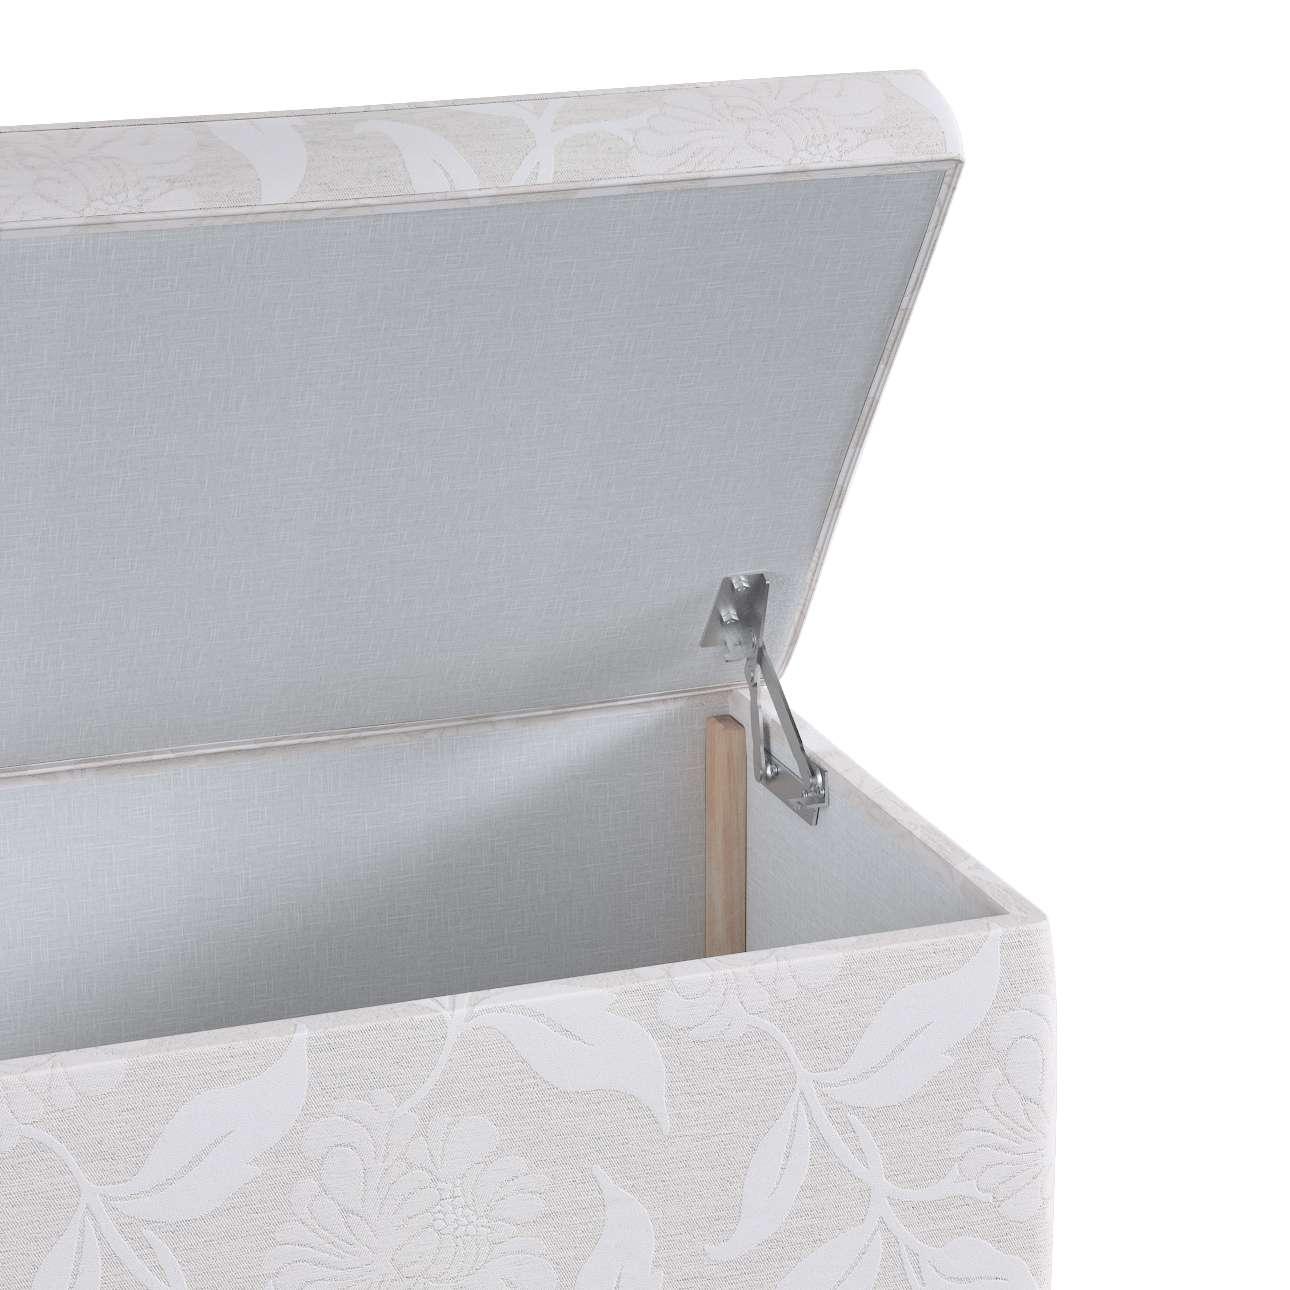 Čalouněná skříň s volbou látky - 2 velikosti v kolekci Venice, látka: 140-51